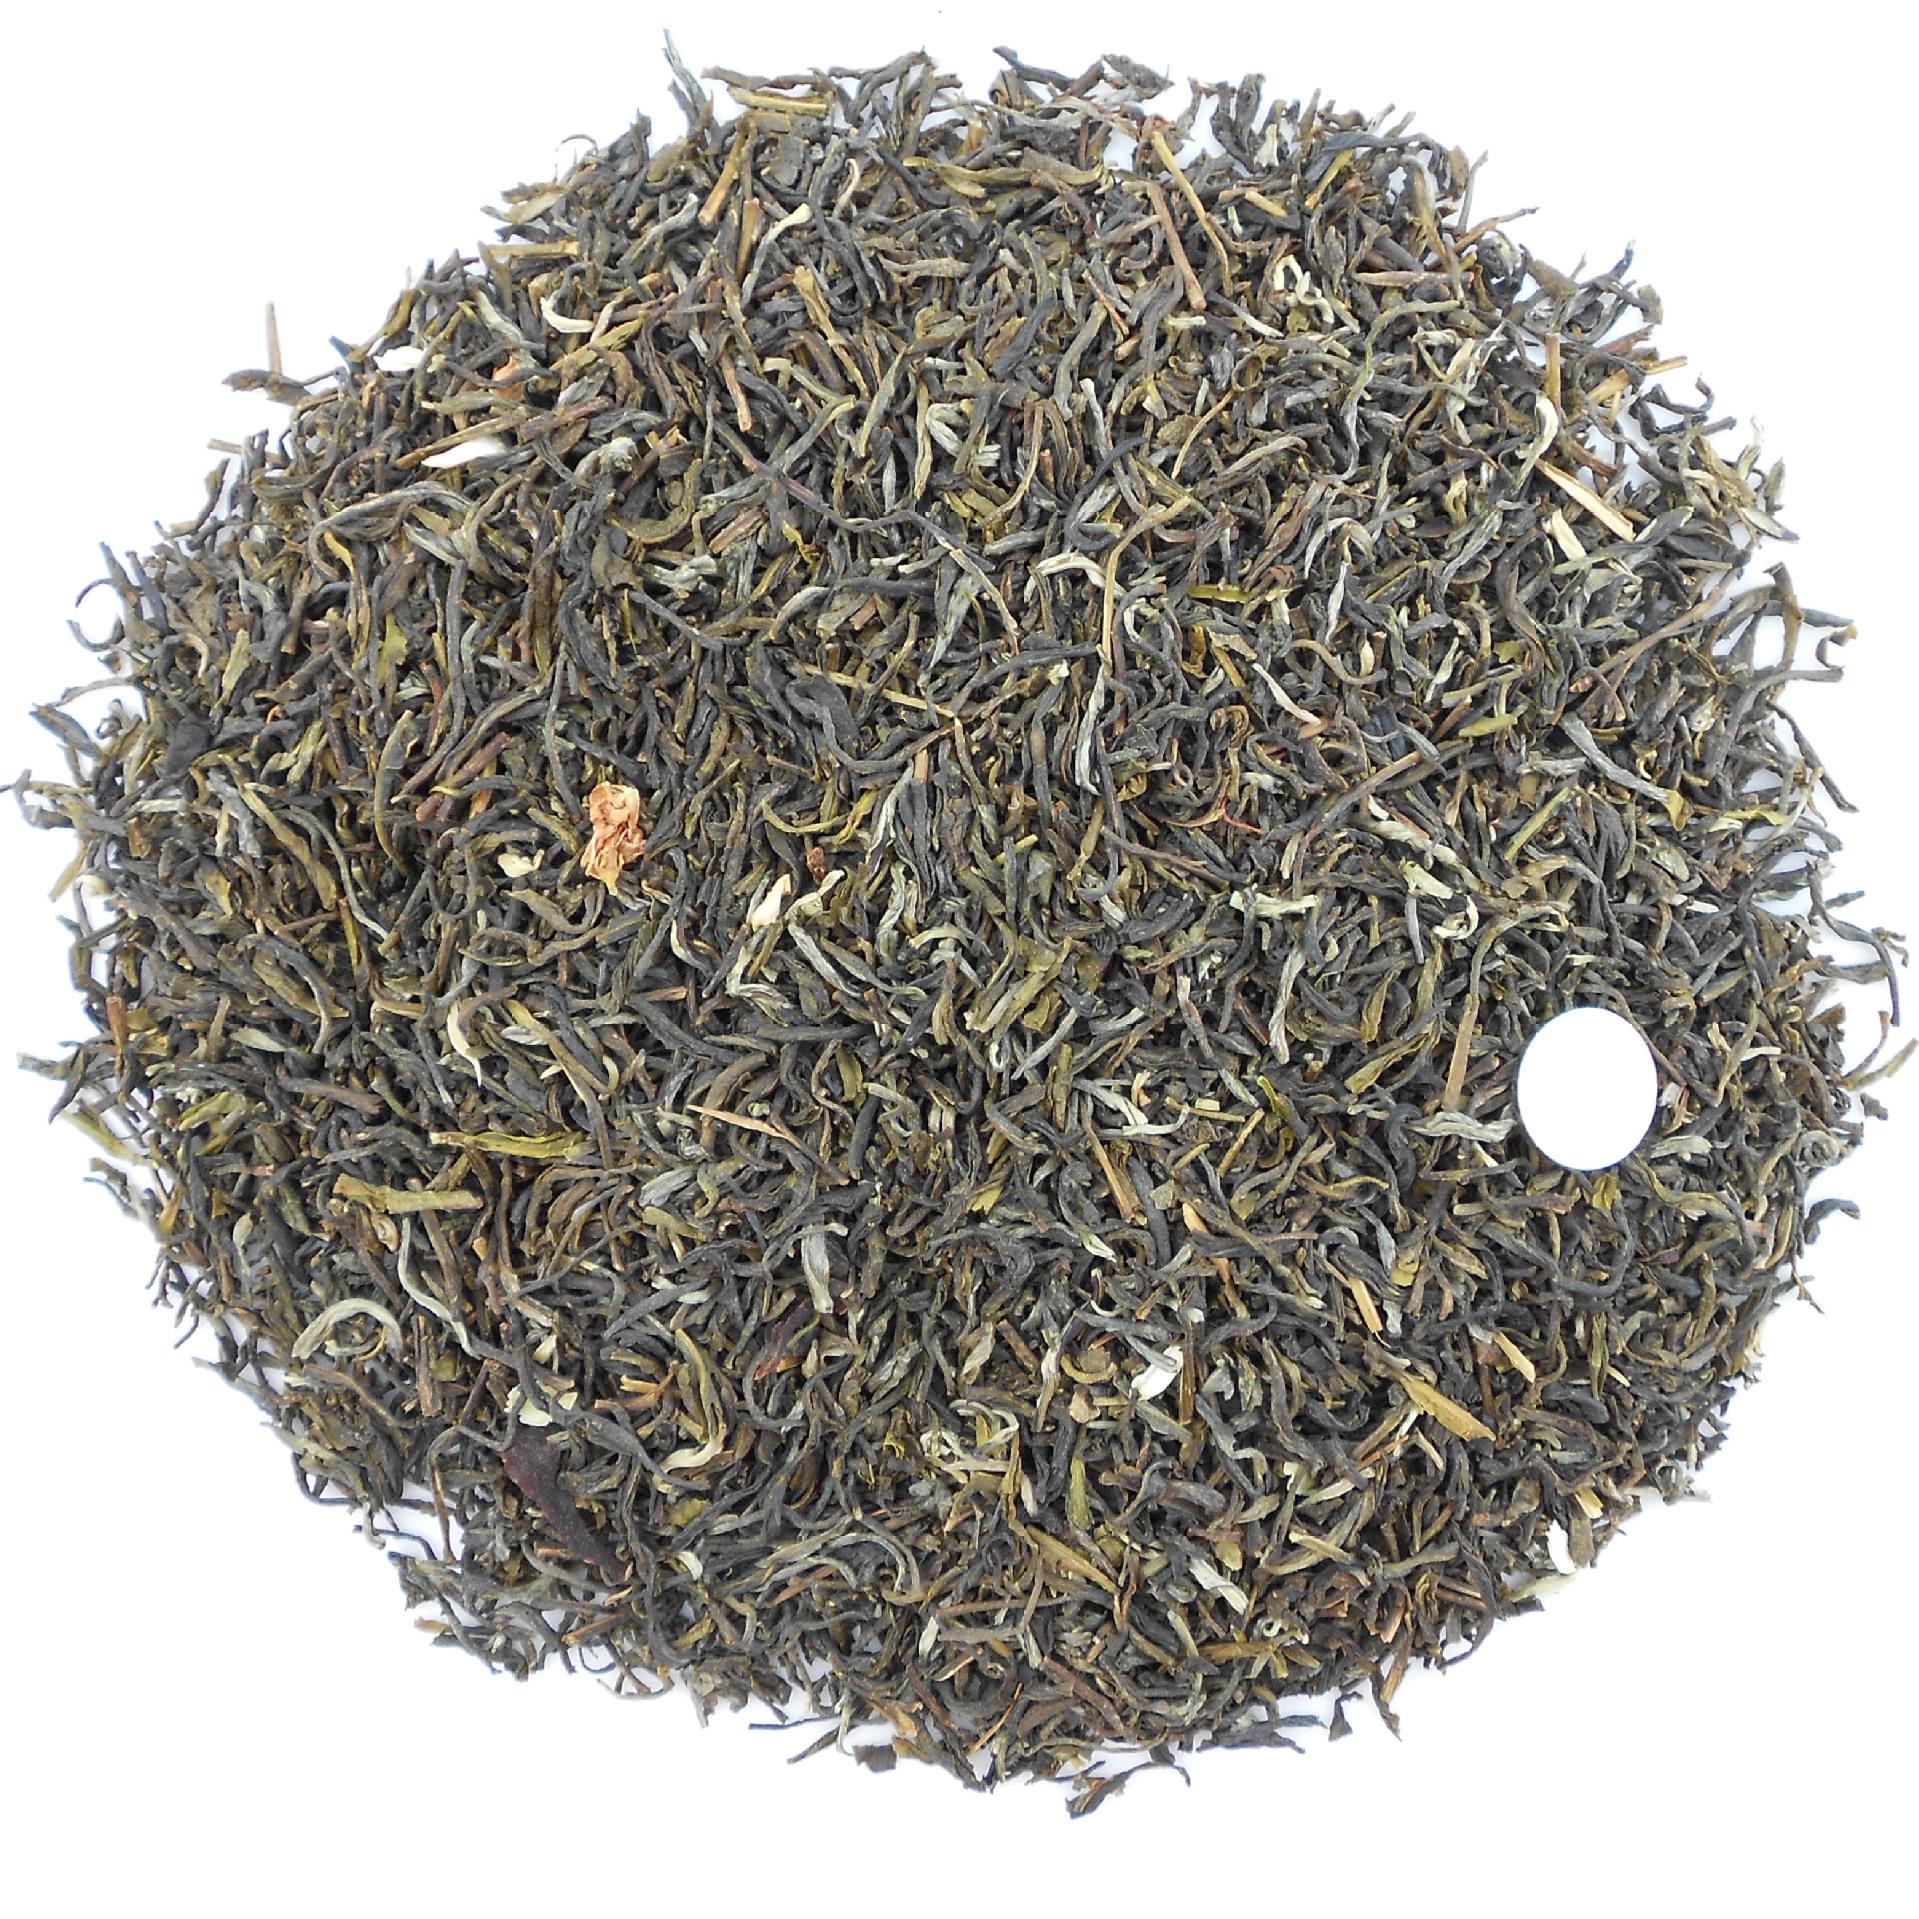 茉莉花茶批发 茶叶批发 广西横县茉莉花茶叶厂家 优质小白芽图片